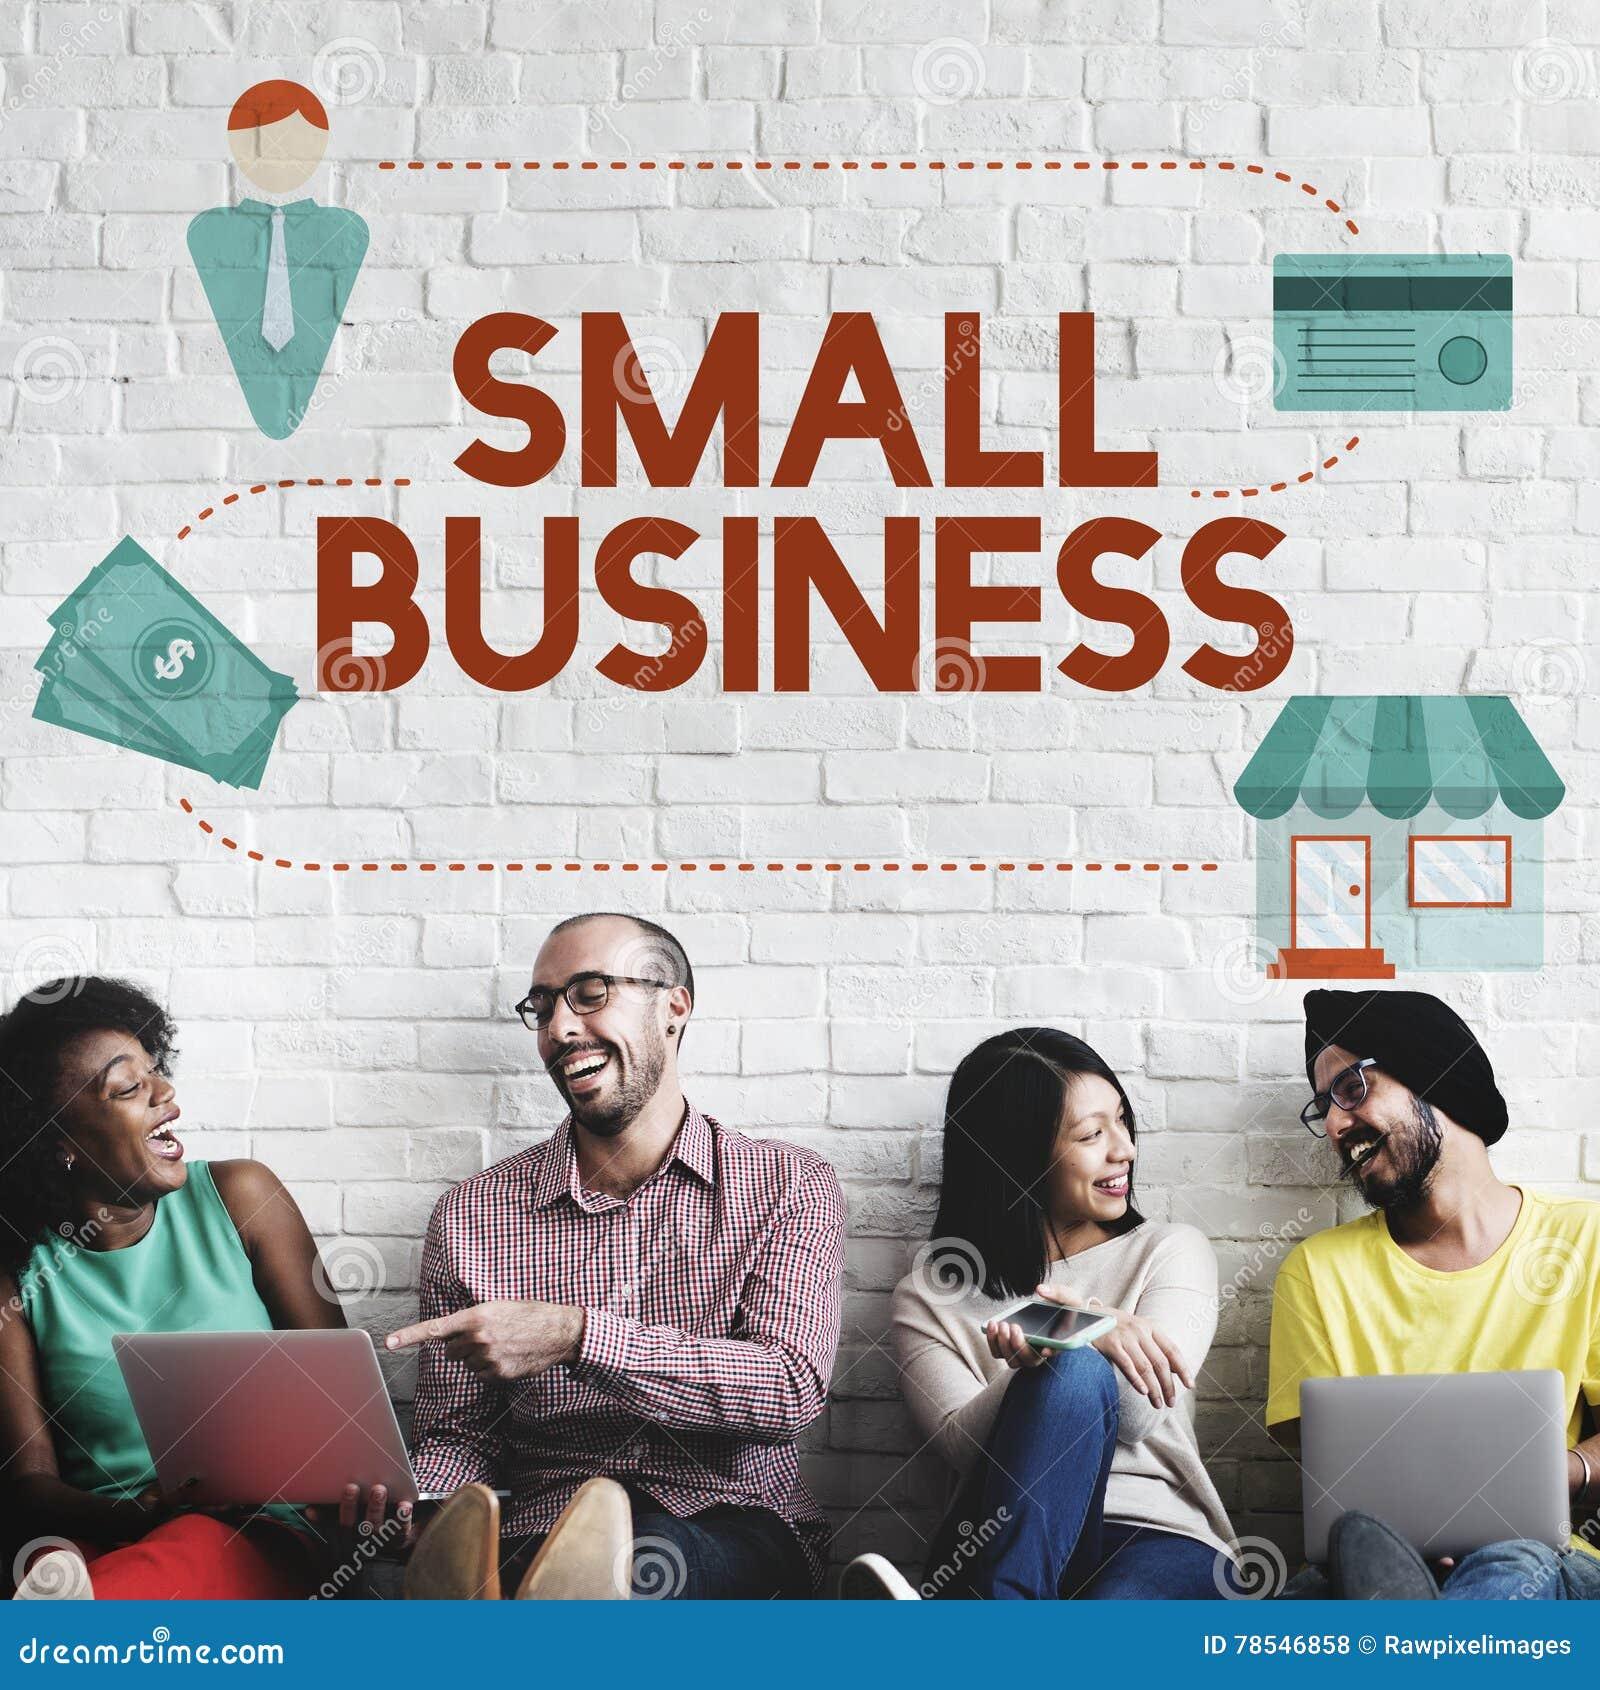 Επιχειρηματίας ιδιοκτησίας προϊόντων αγοράς θέσεων μικρών επιχειρήσεων συμπυκνωμένος